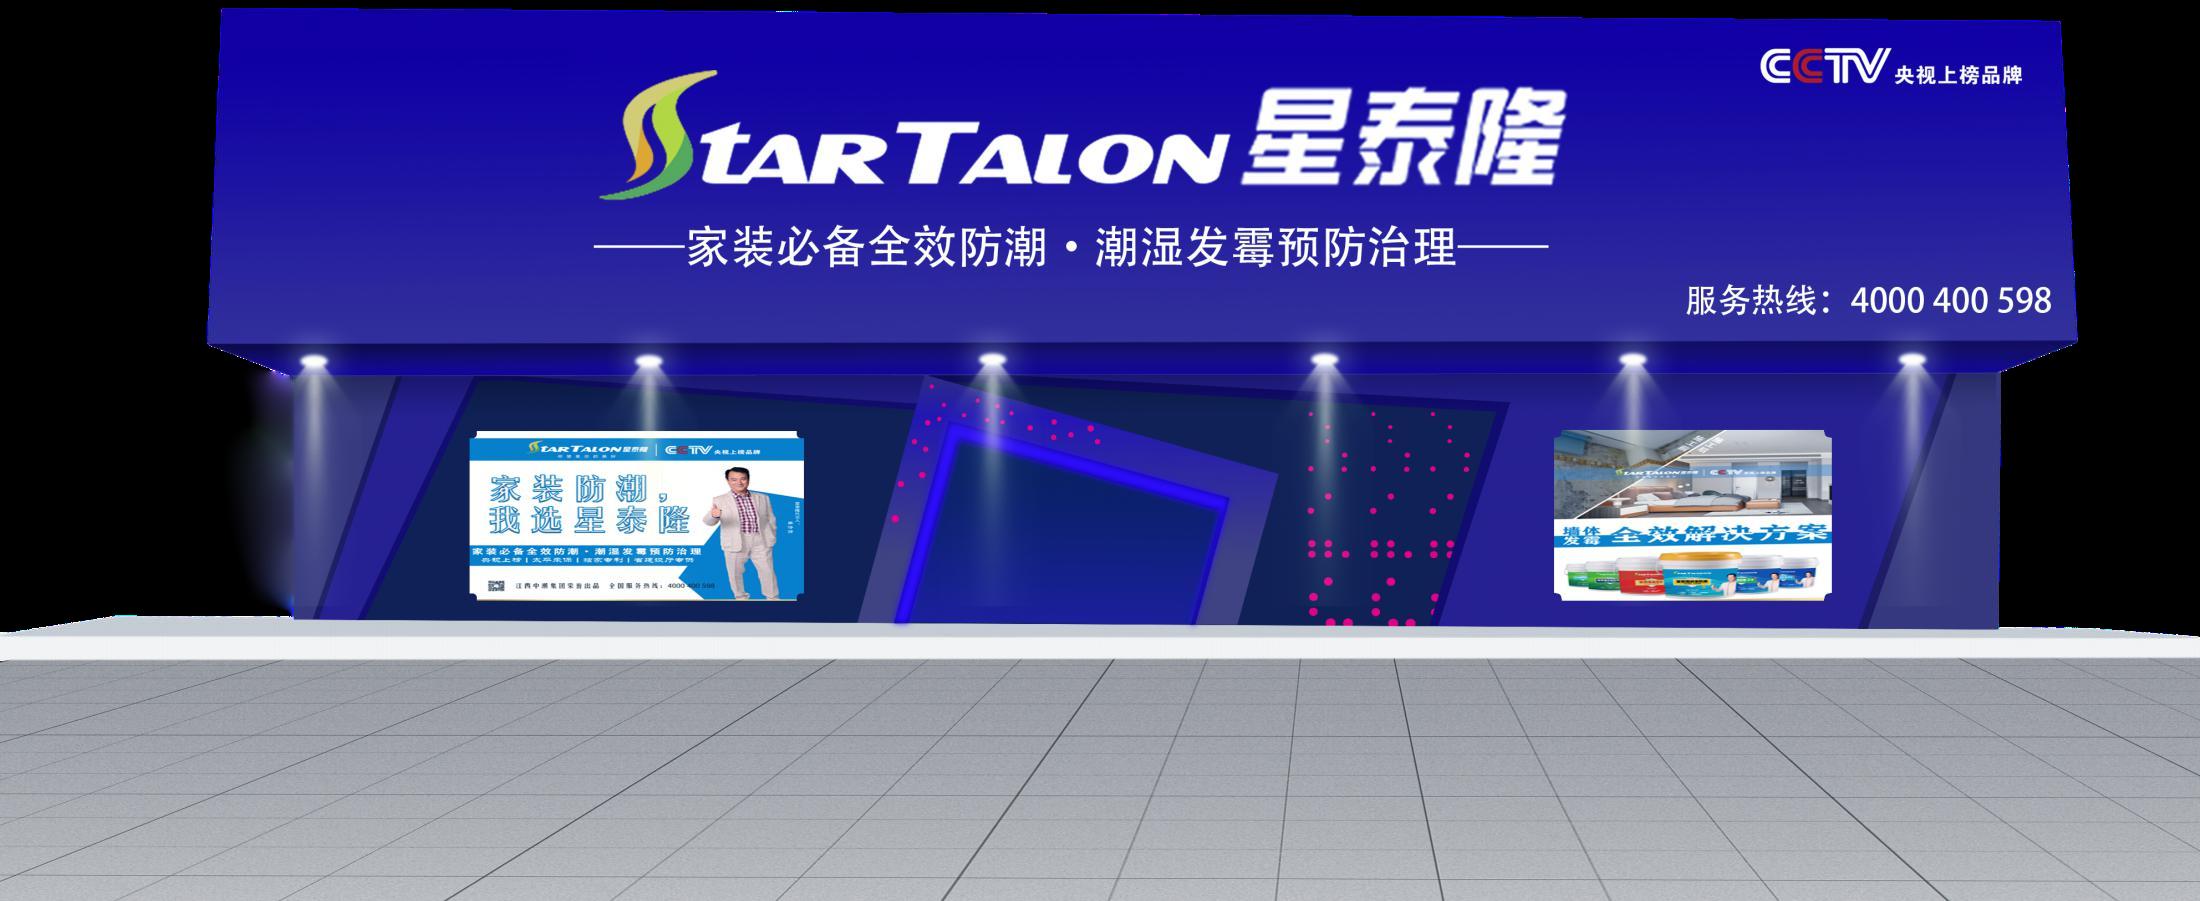 星泰隆防水防潮水性涂料招商加盟